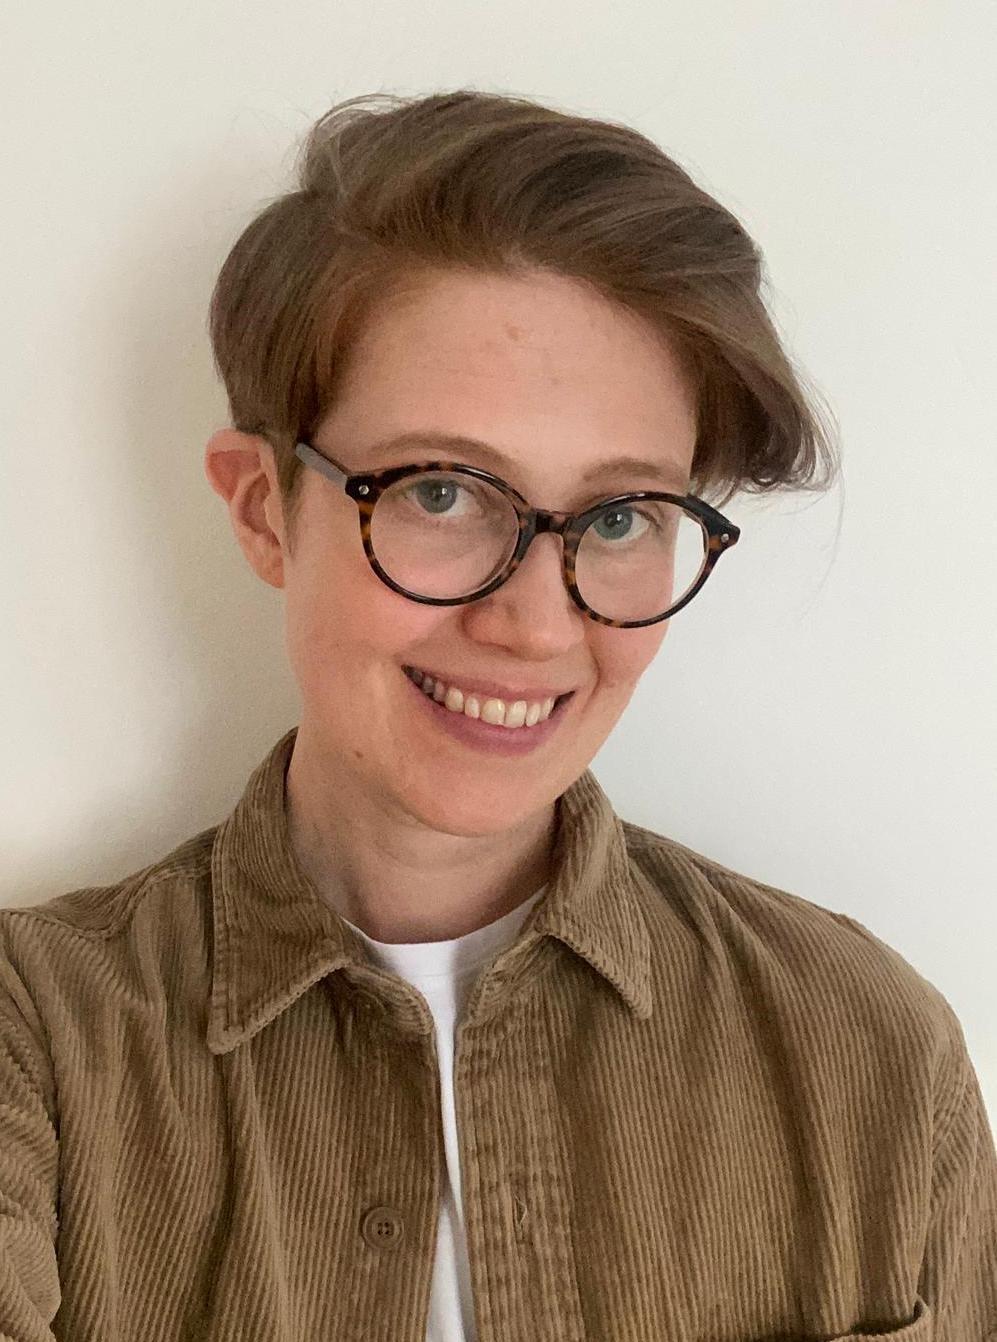 Jennifer Tomkinson